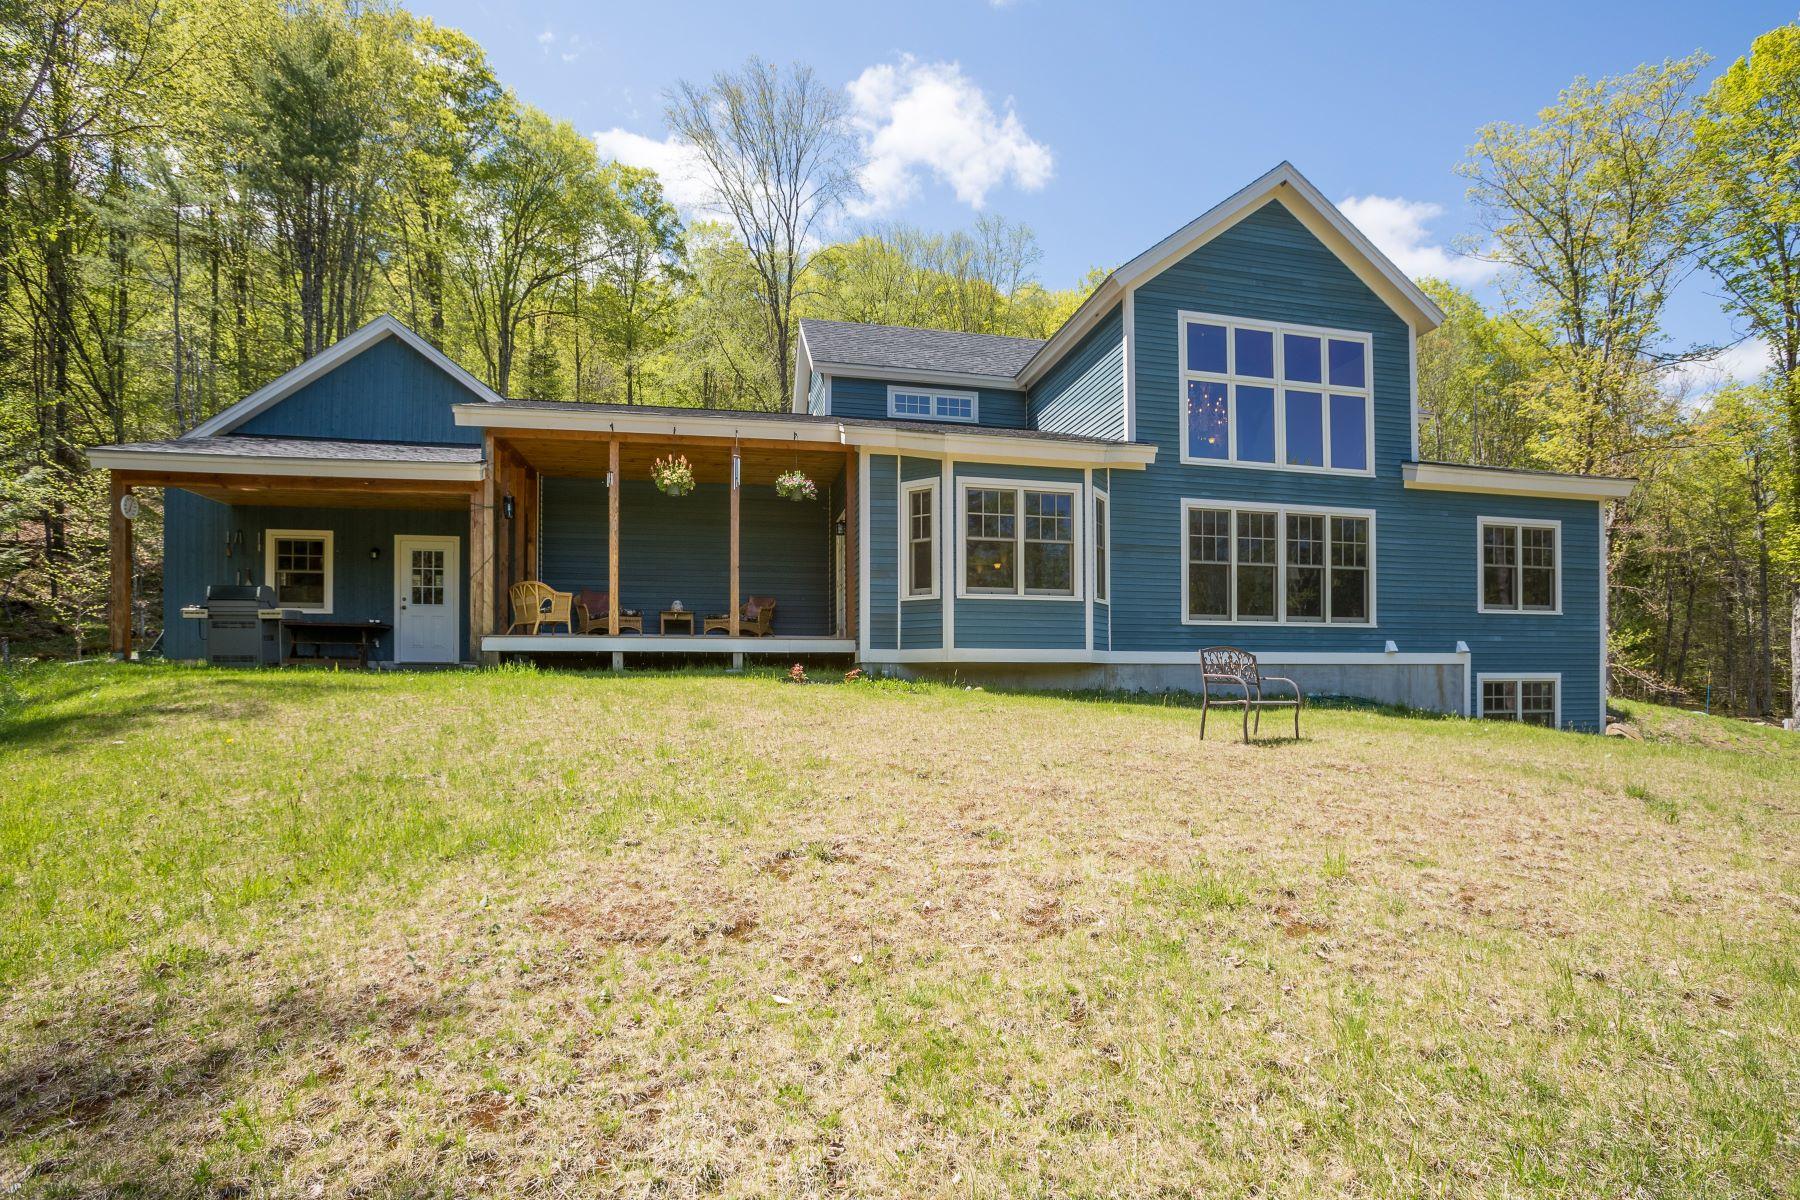 Casa para uma família para Venda às THETFORD POST AND BEAM 1675 Sawnee Bean Rd Thetford, Vermont, 05075 Estados Unidos